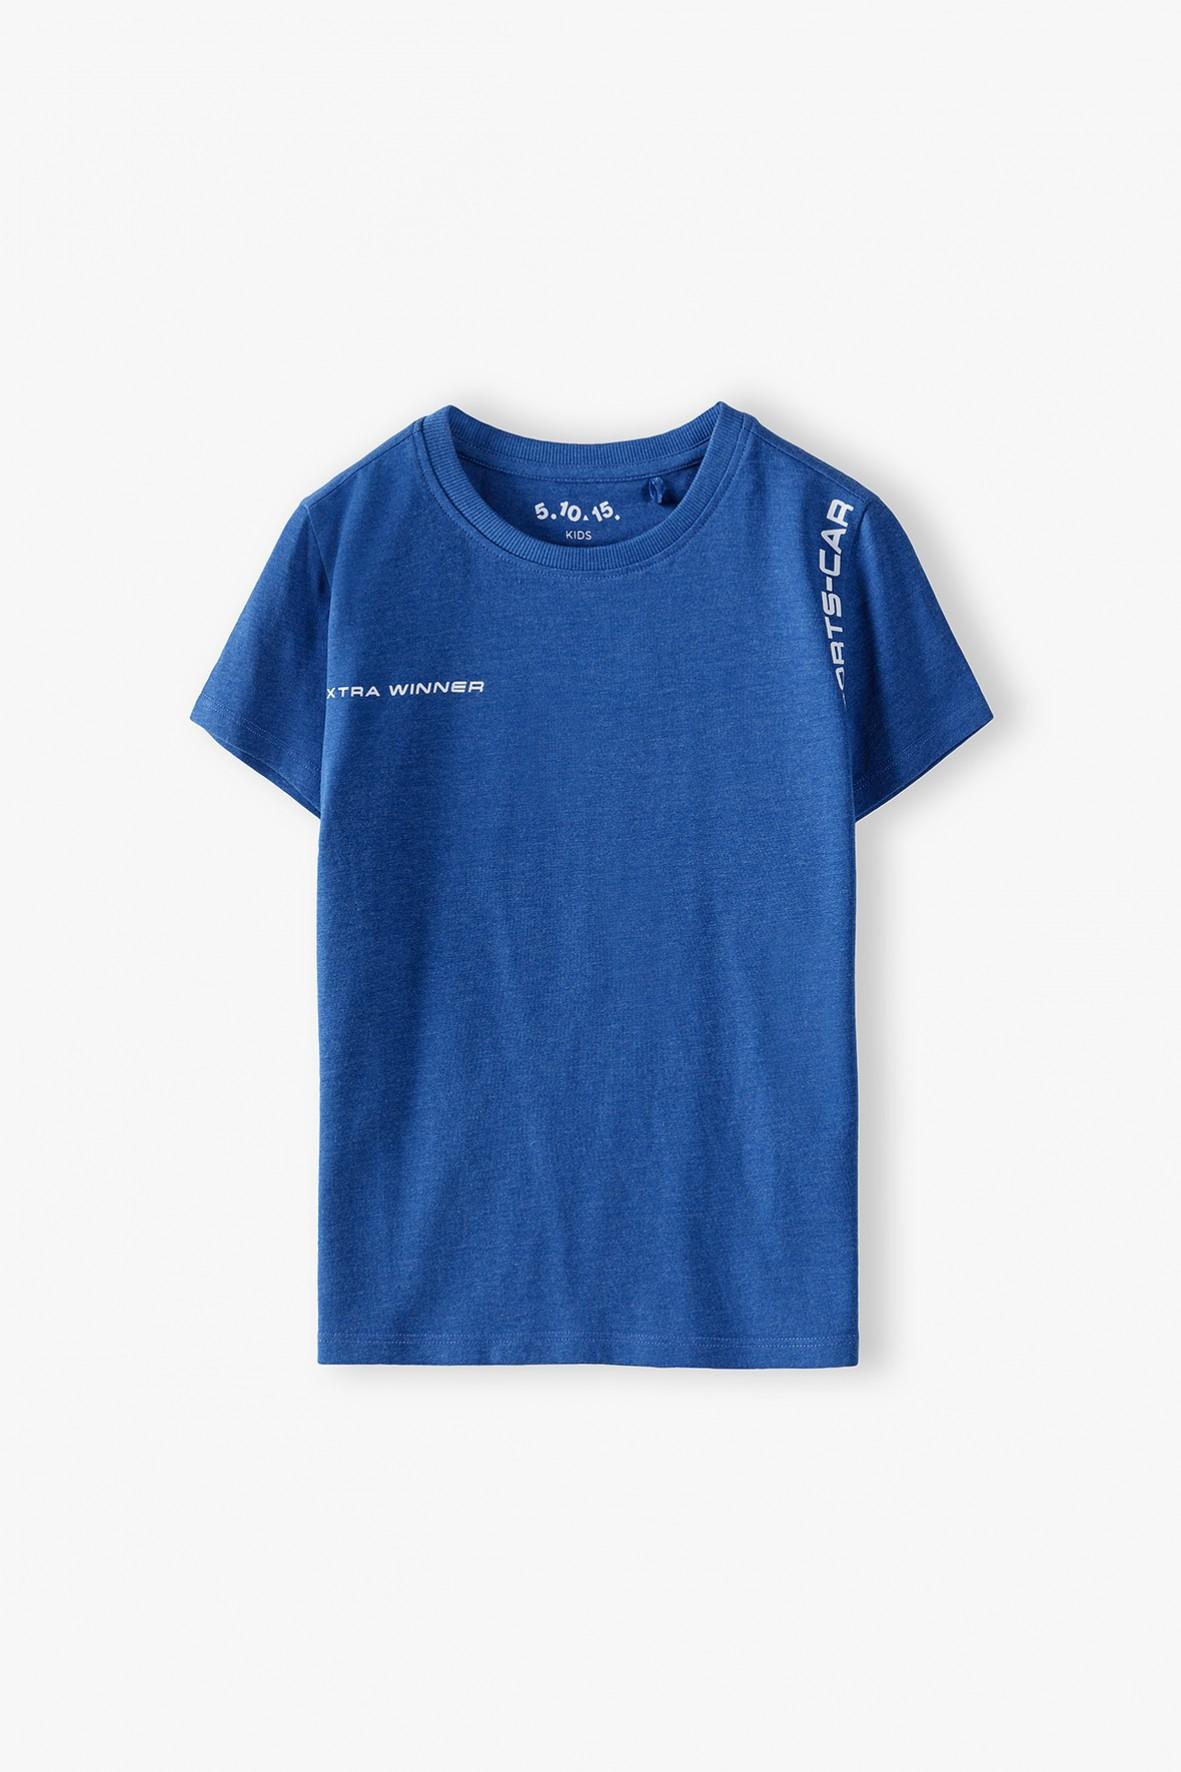 Niebieski t-shirt chłopięcy - bawełniany z nadrukiem